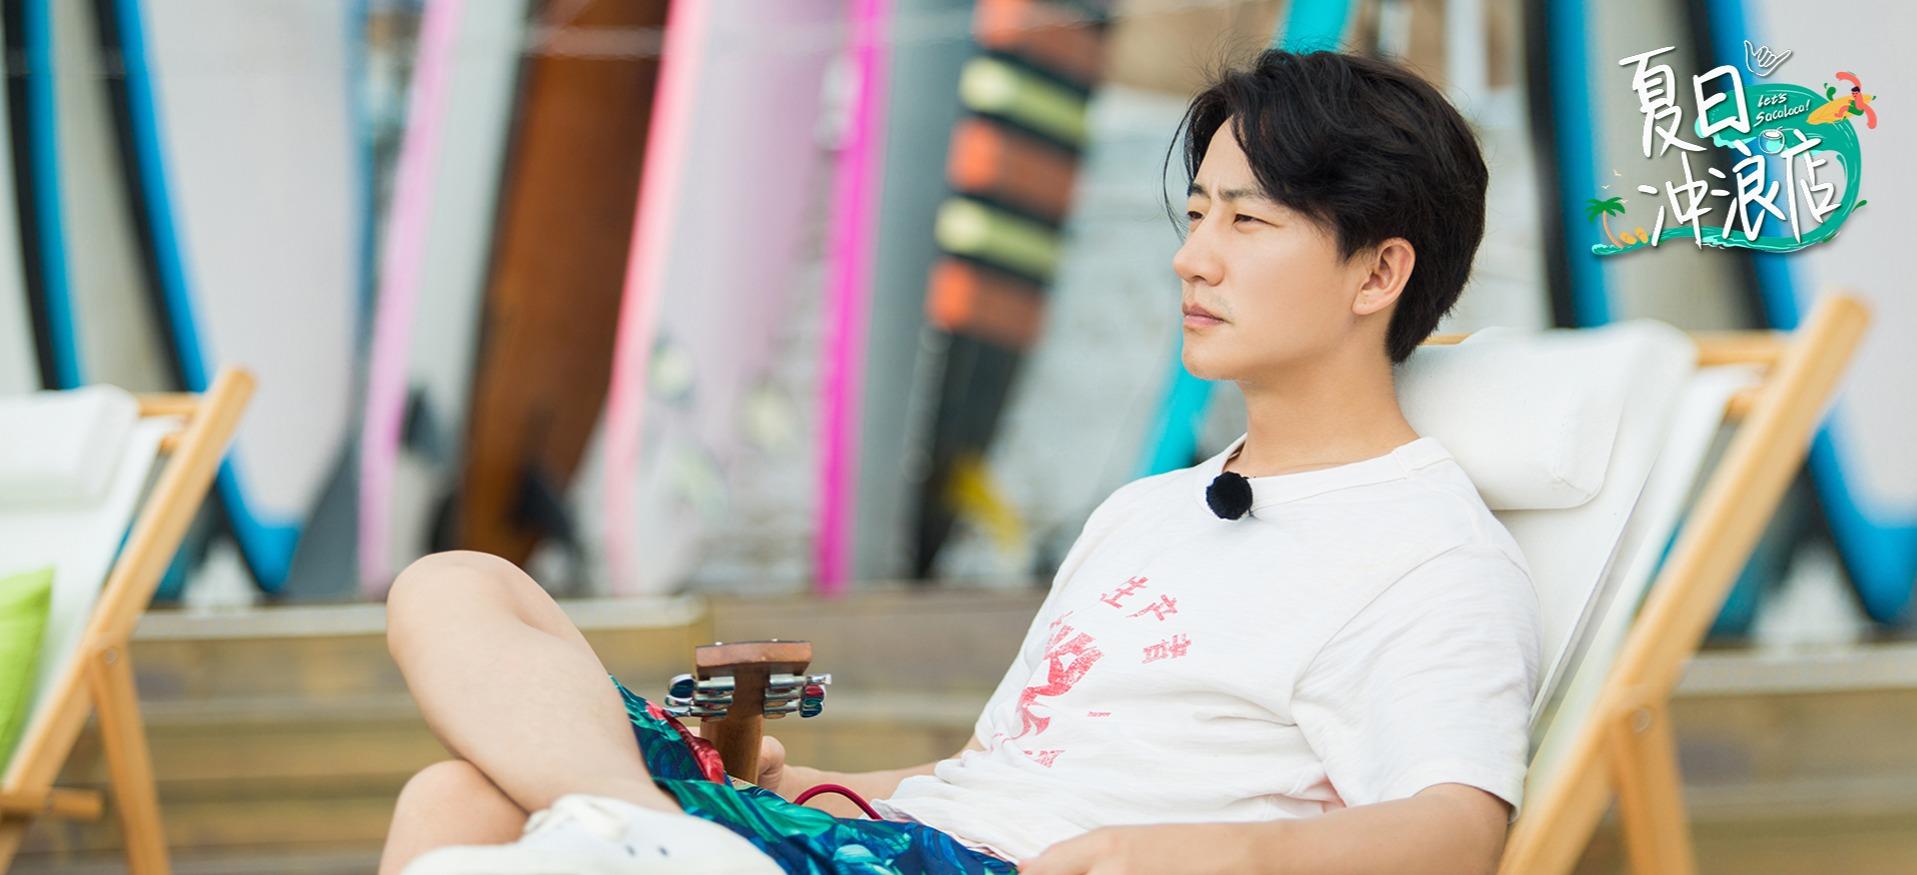 黄轩《夏日冲浪店》正式营业浪人精神引共鸣